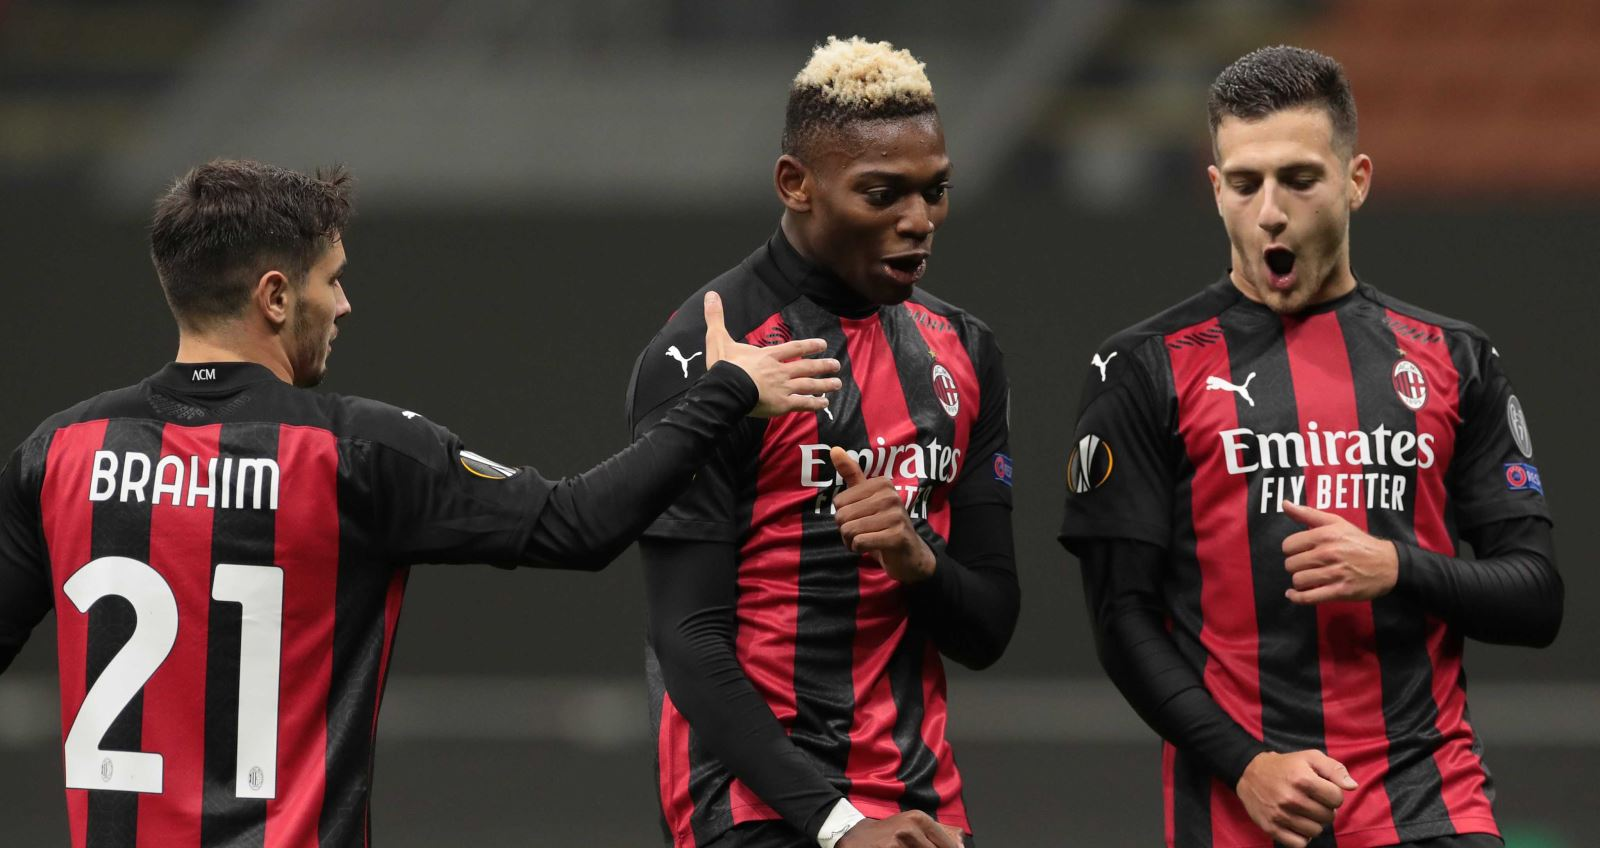 Cúp C2, Kết quả bóng đá cúp C2, Arseanl và AC Milan thắng, Tottenham thua, kết quả vòng bảng europa League, kết quả bóng đá hôm nay, tin tức bóng đá, europa league